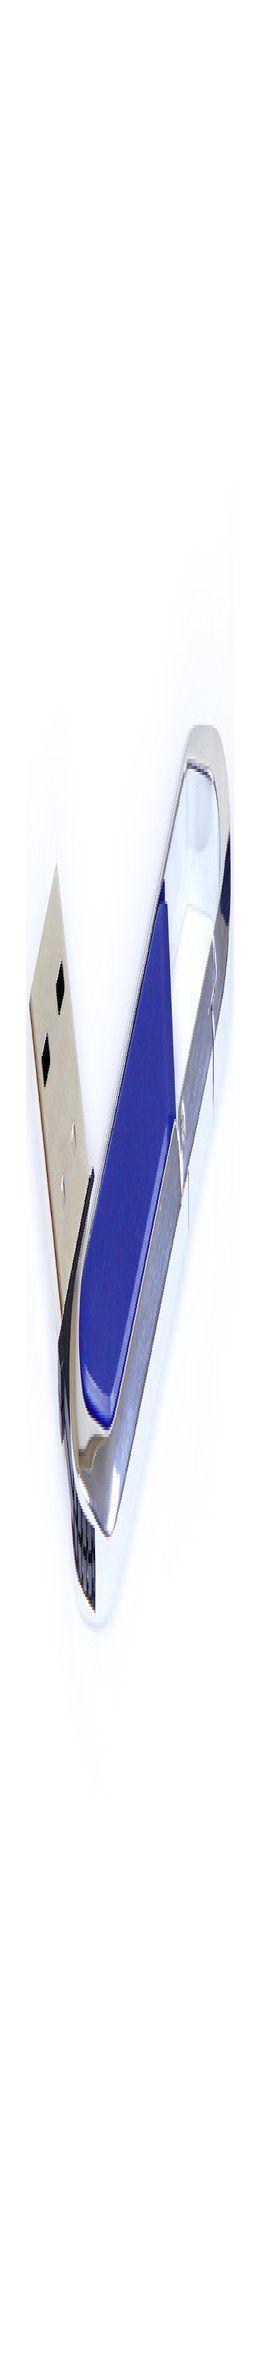 Флешка Карабин, пластиковая с металлической вставкой, синяя, 8Гб фото